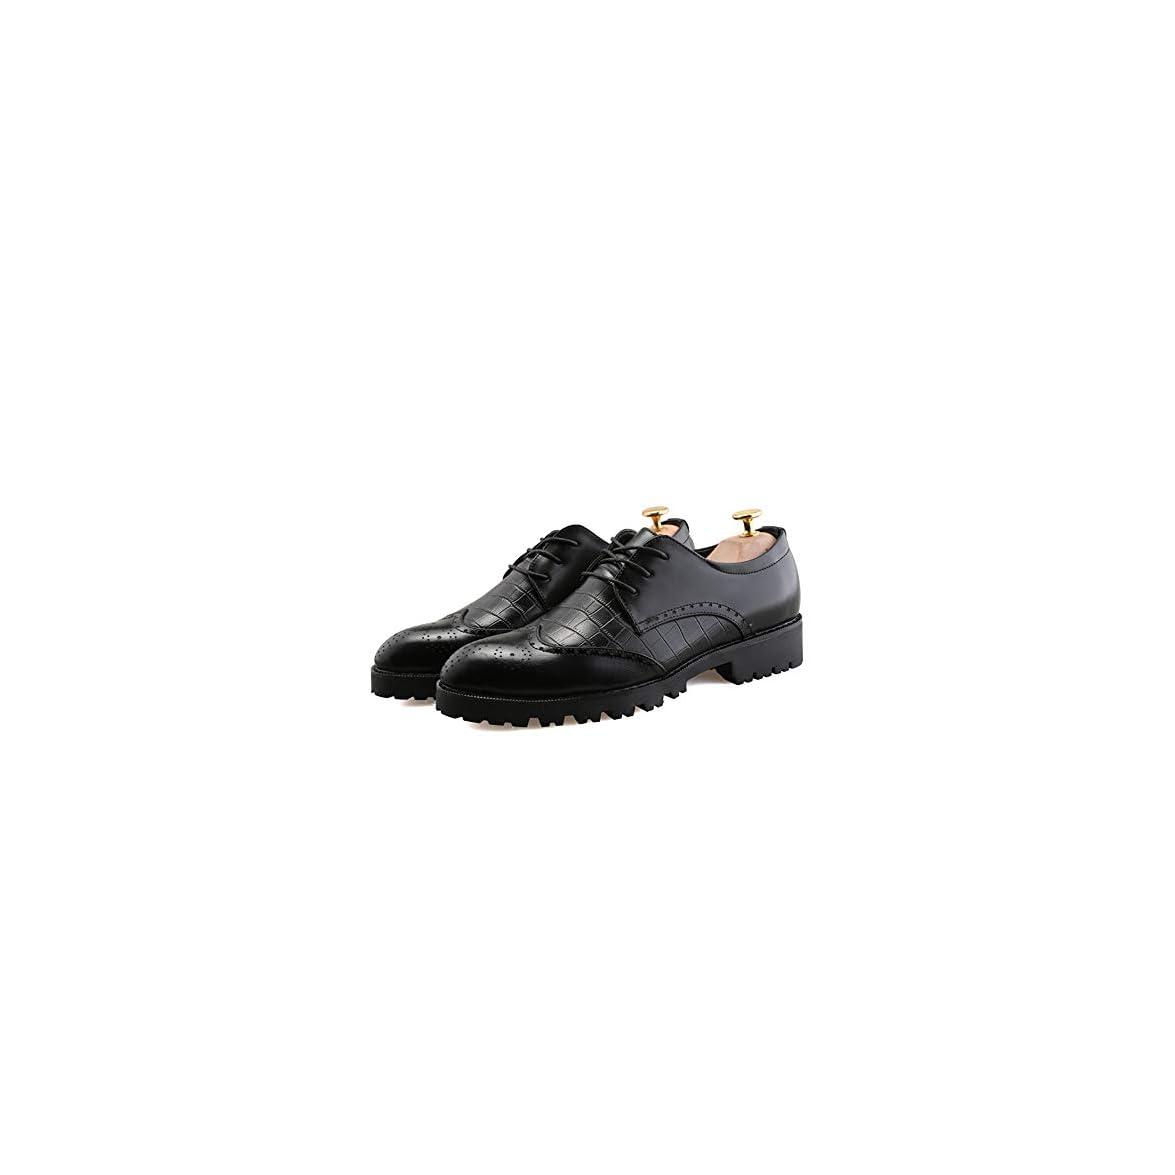 Bangxiu Scarpe In Pelle Da Uomo Business Casual Morbida Oxford Nuova Linea Brogue Dal Basso Spessore Lavoro Comode Formale color Nero Dimensione 41 Eu